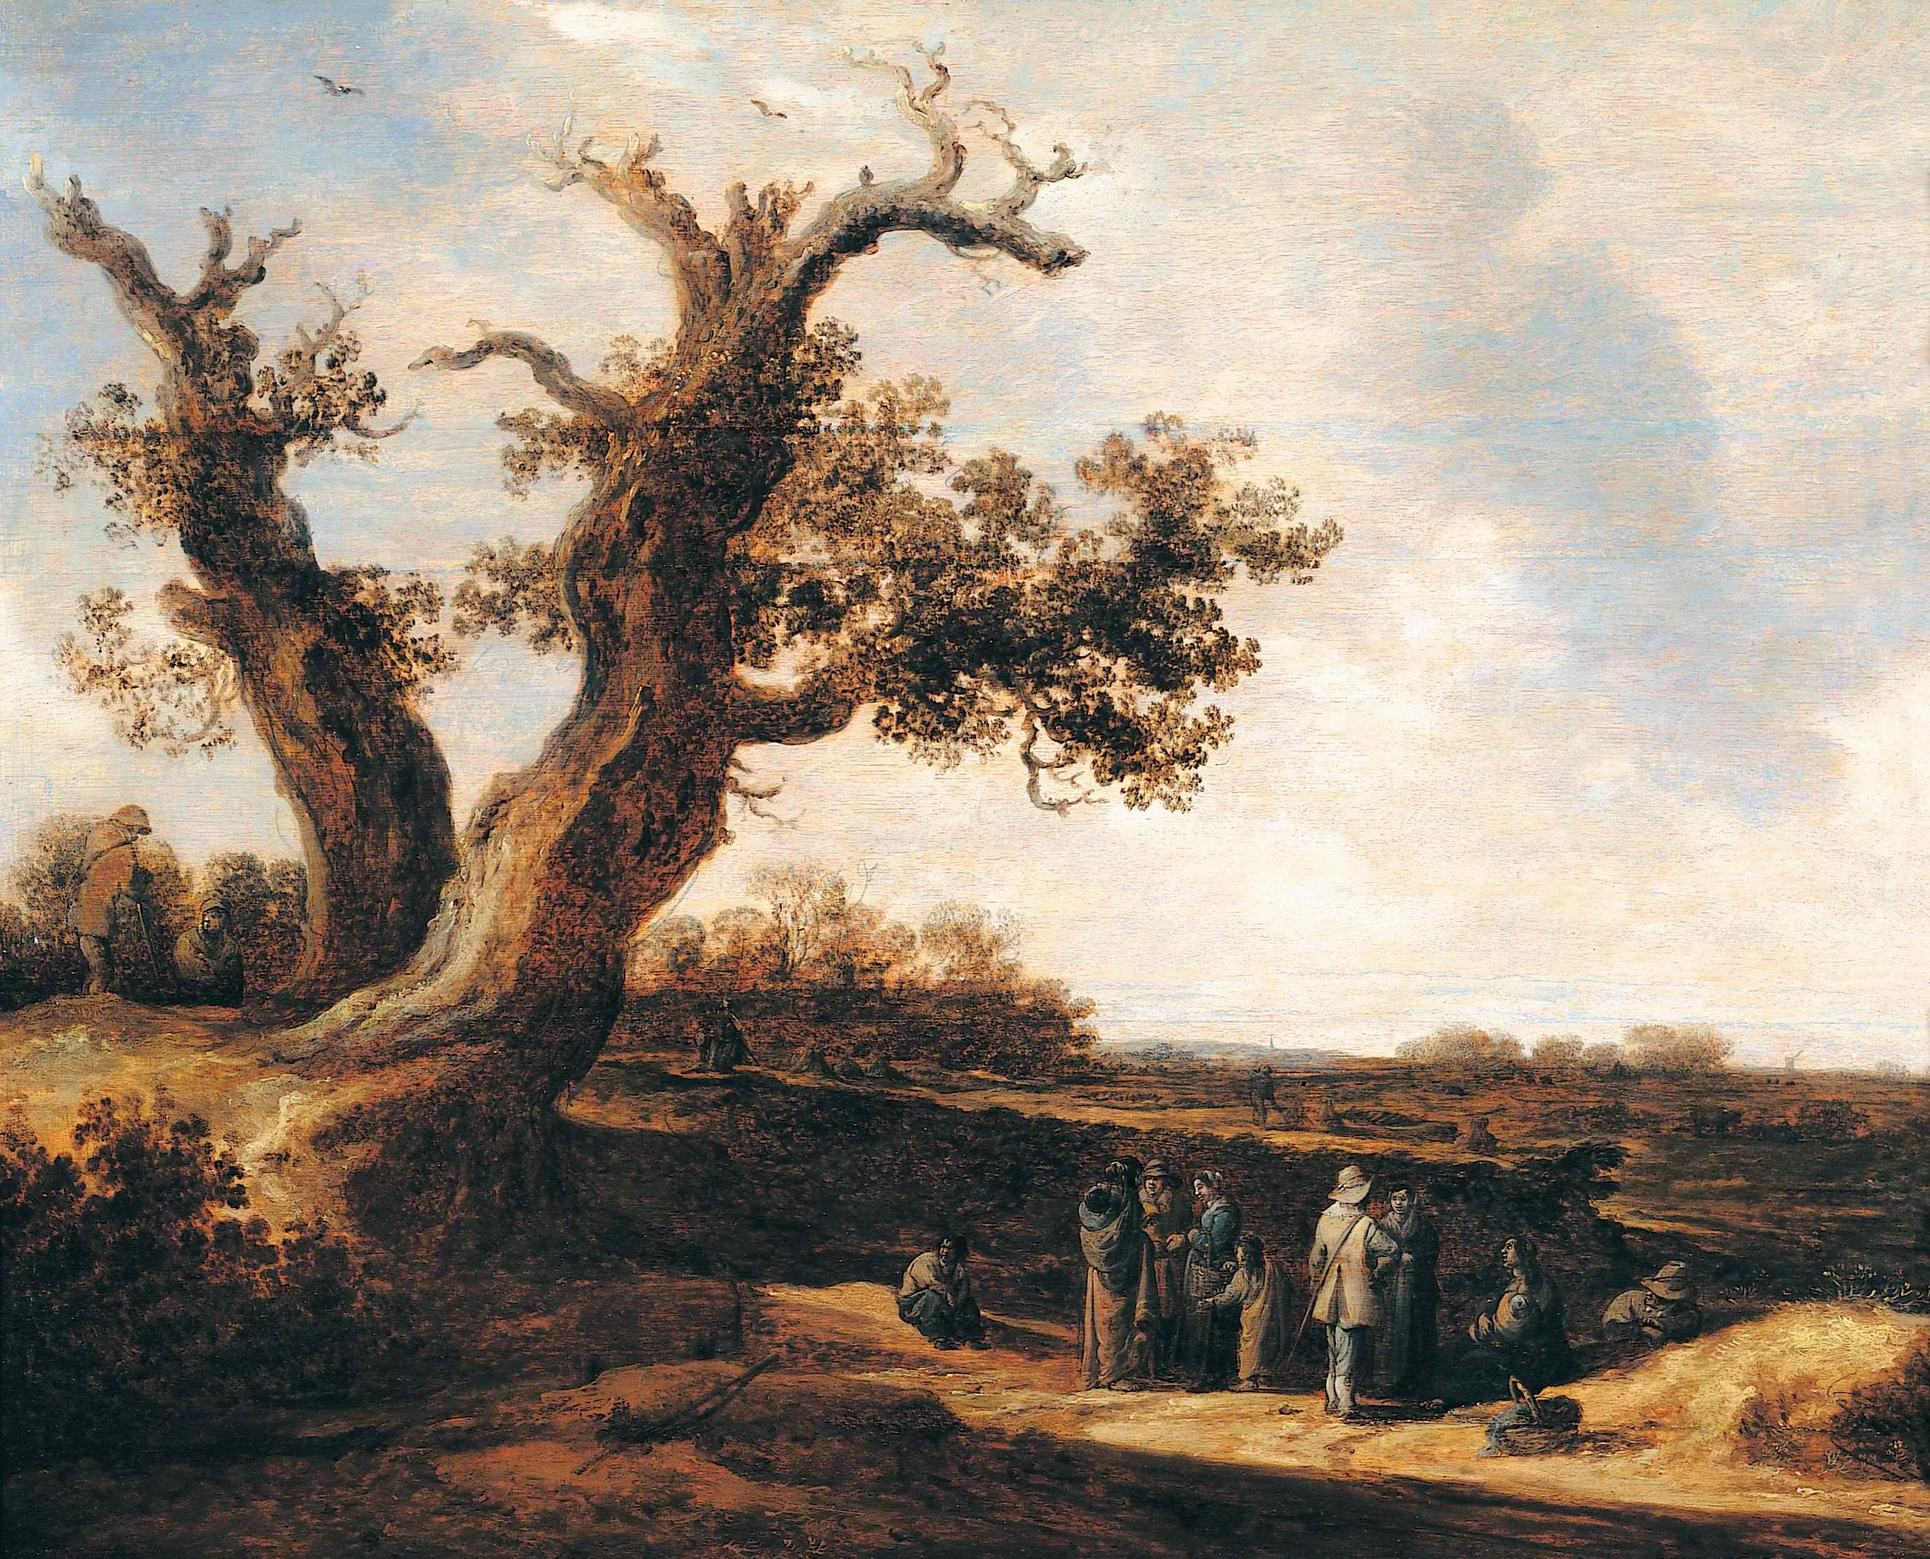 Пейзаж с дубом, Ян ван Гойен